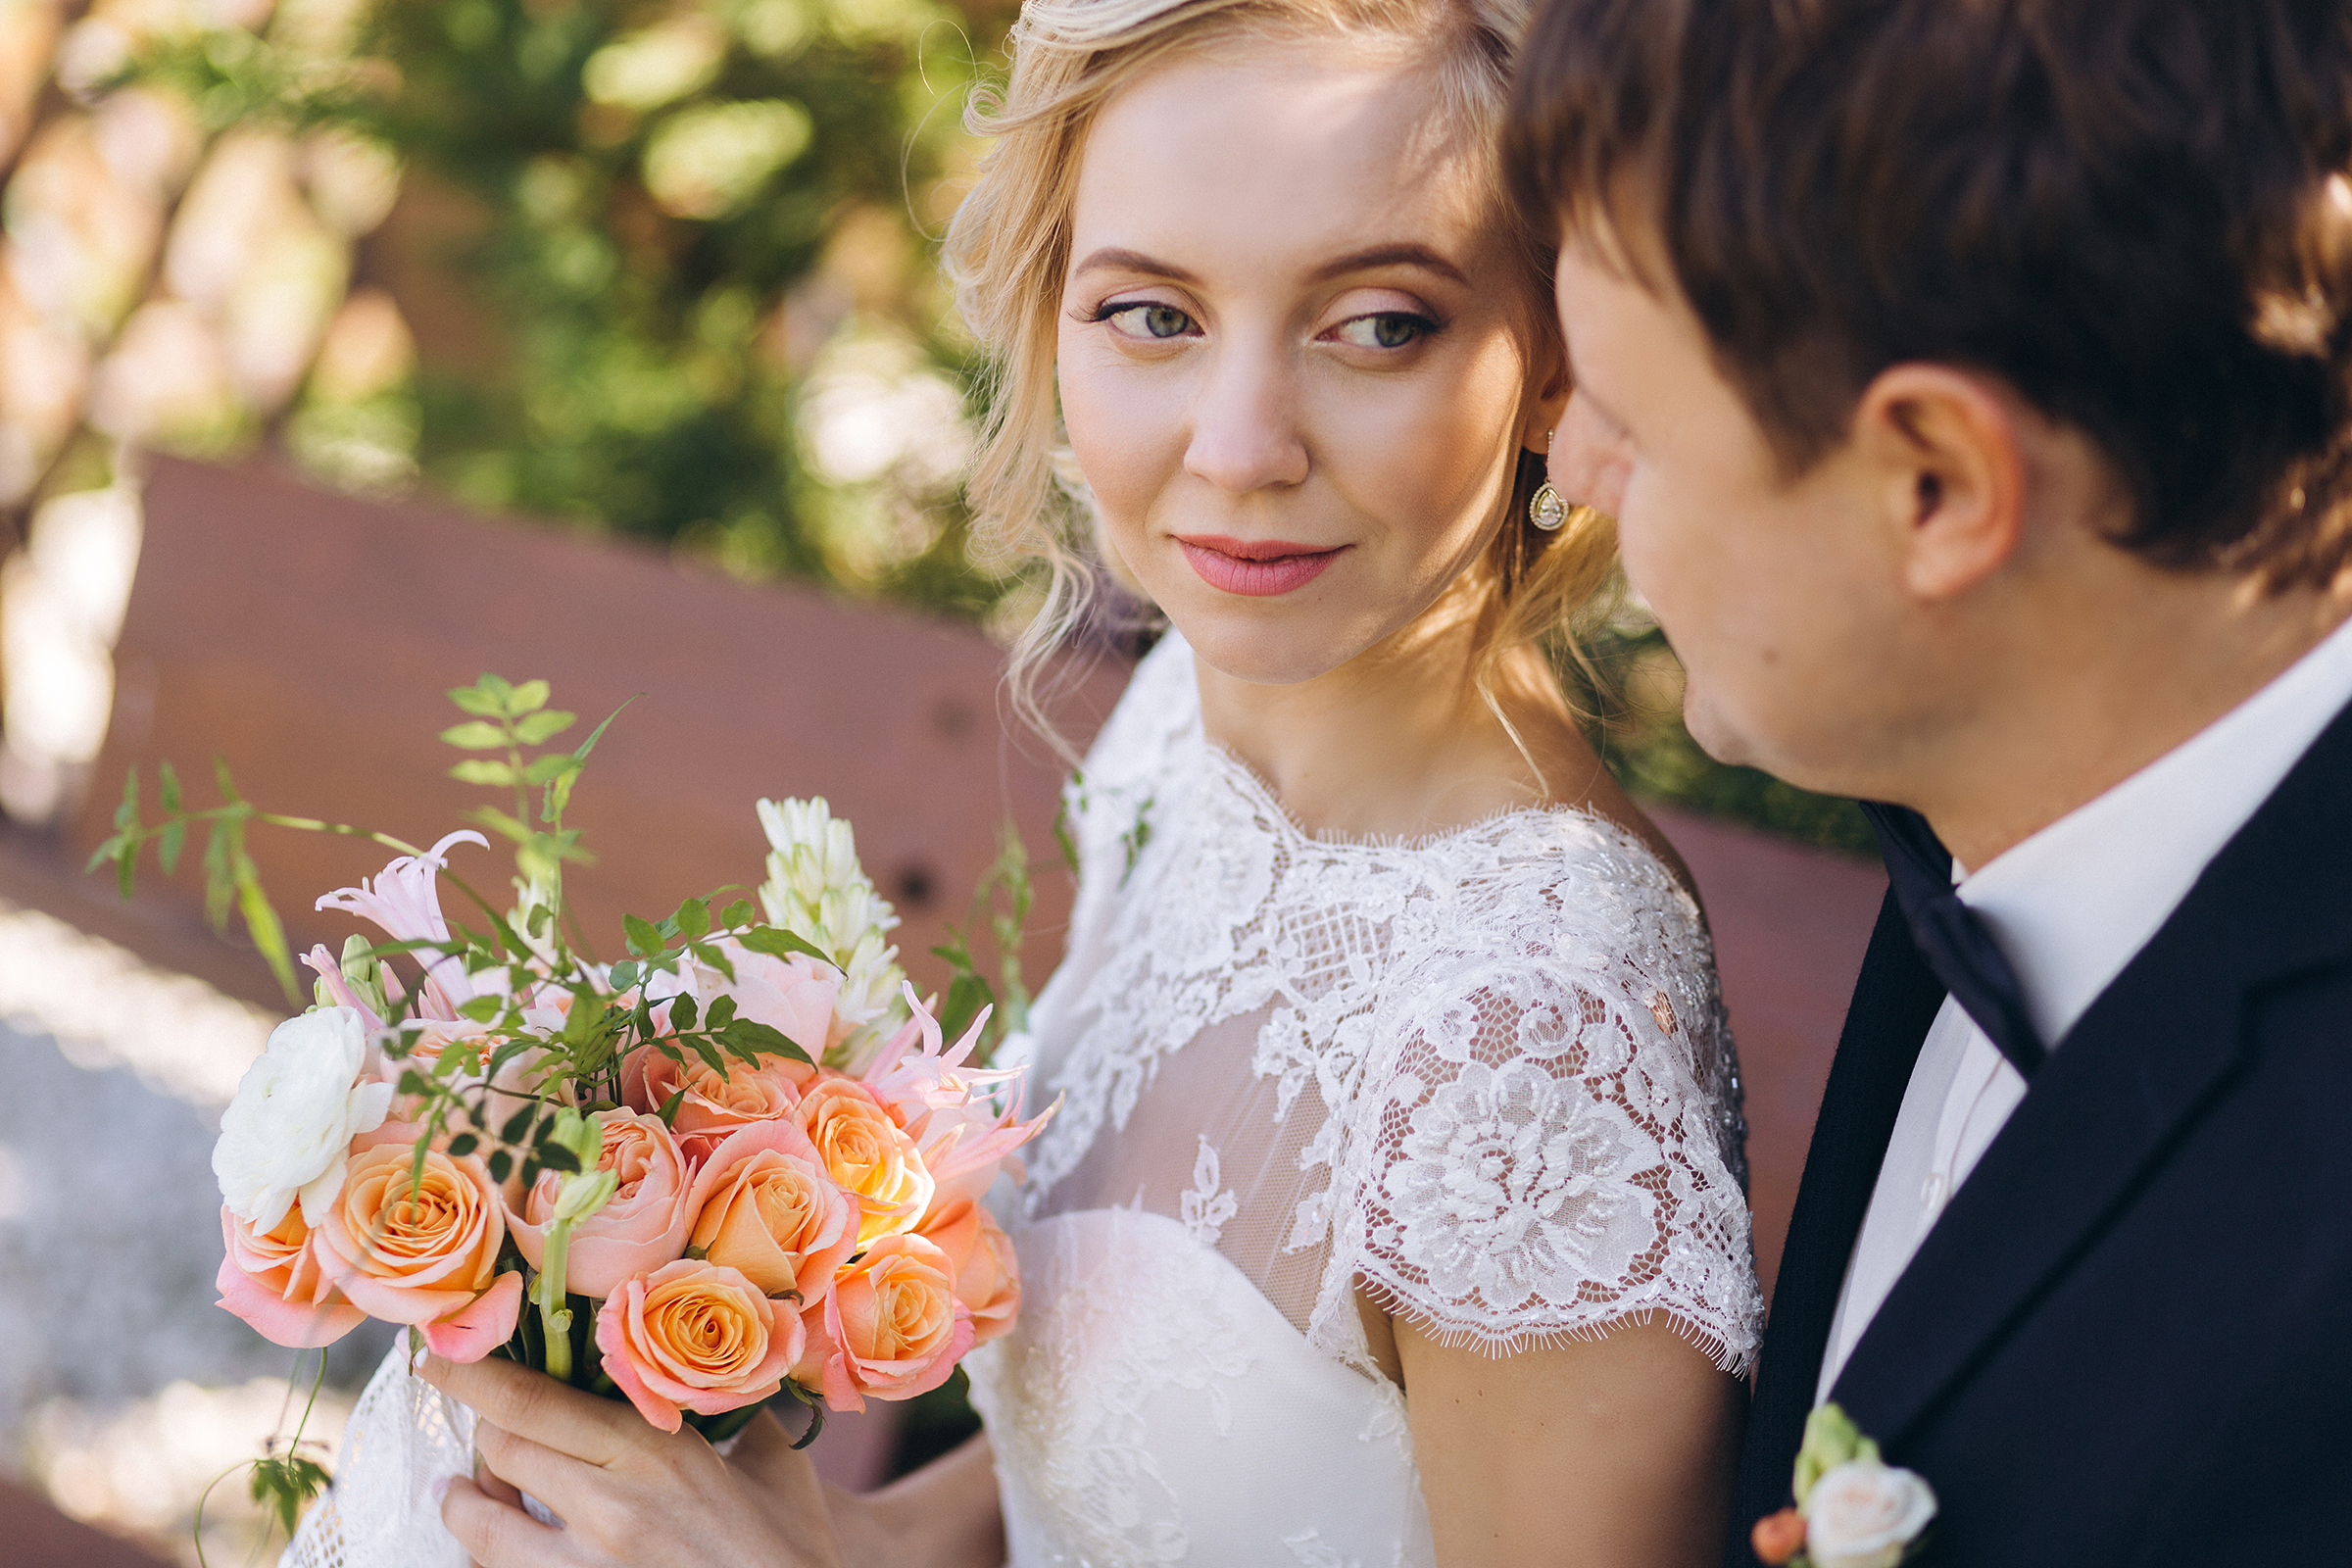 Фото свадьбы владимира тарасенко